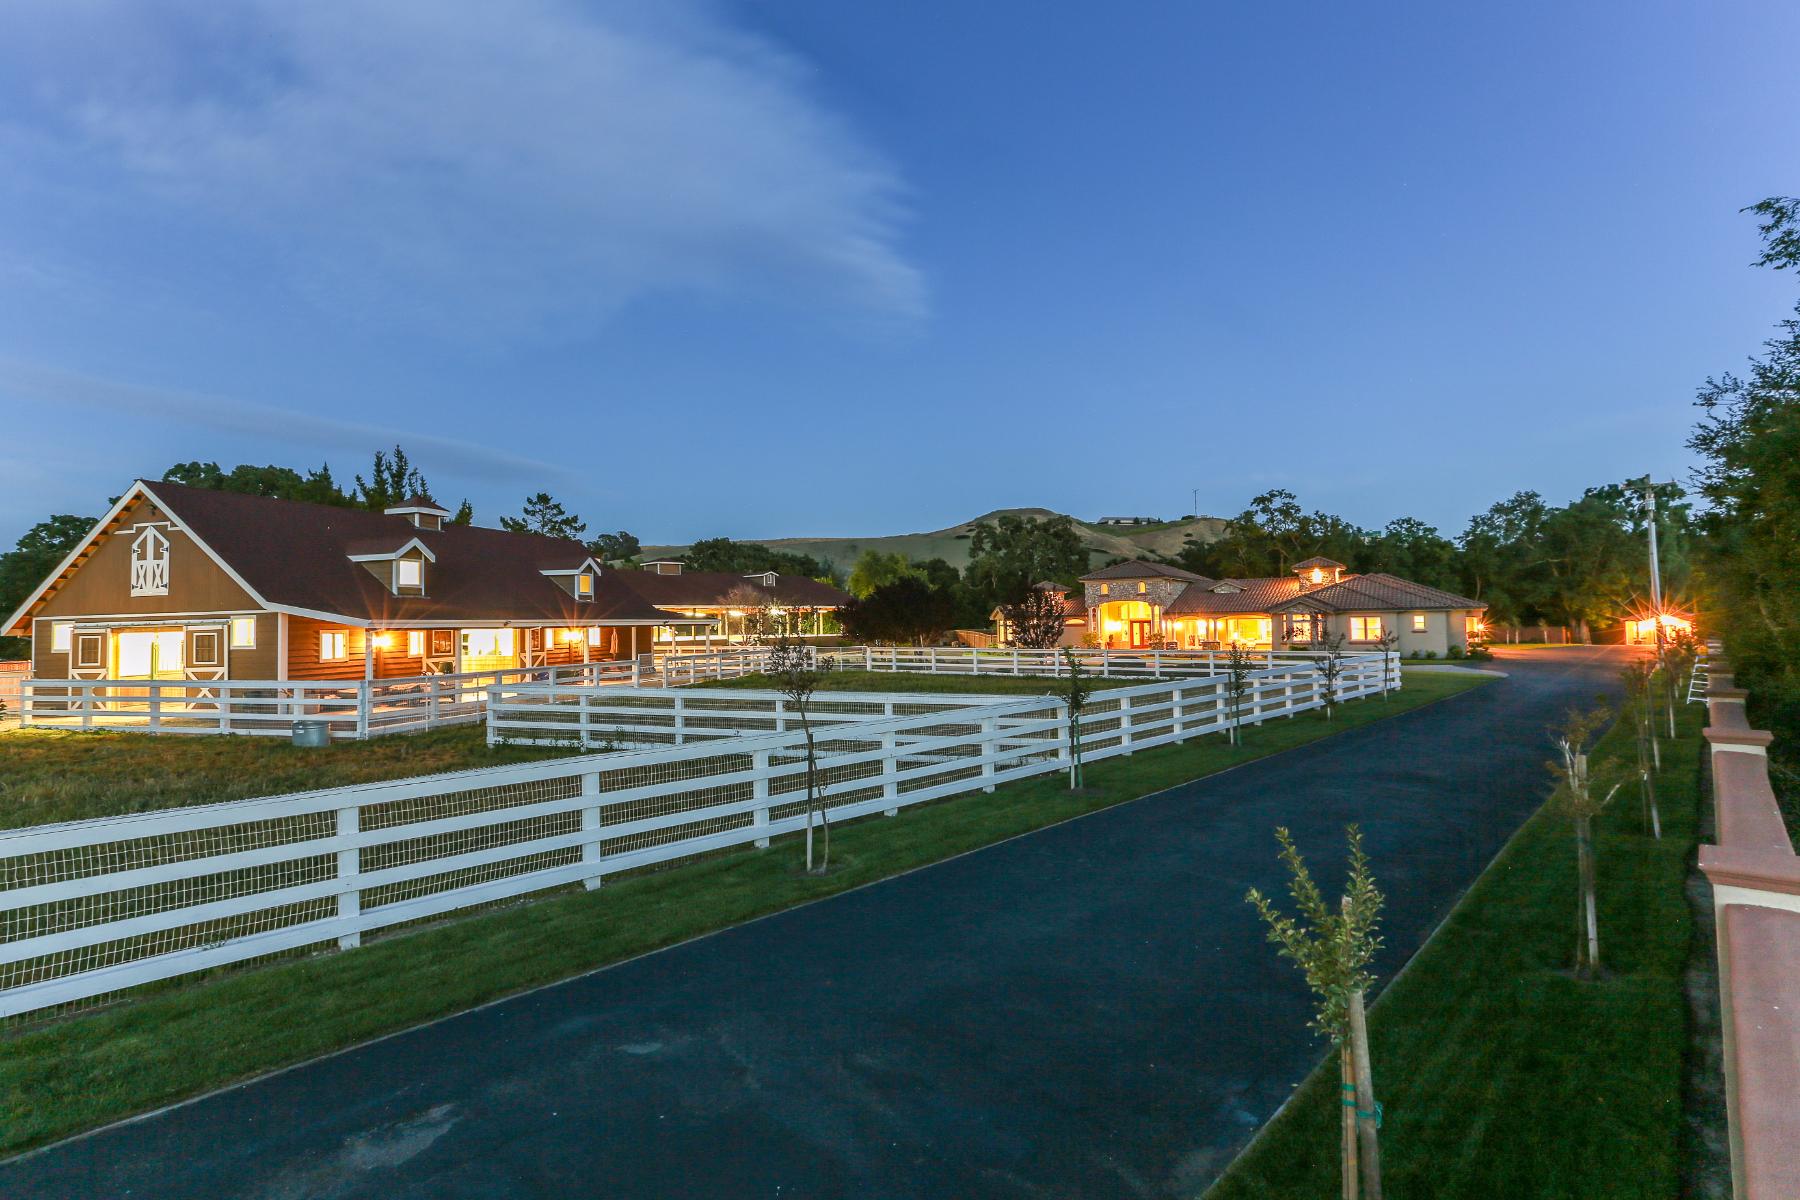 Single Family Home for Sale at Villa Bianchi an Impressive Equestrian Estate! 5530 Johnston Rd Danville, California 94506 United States